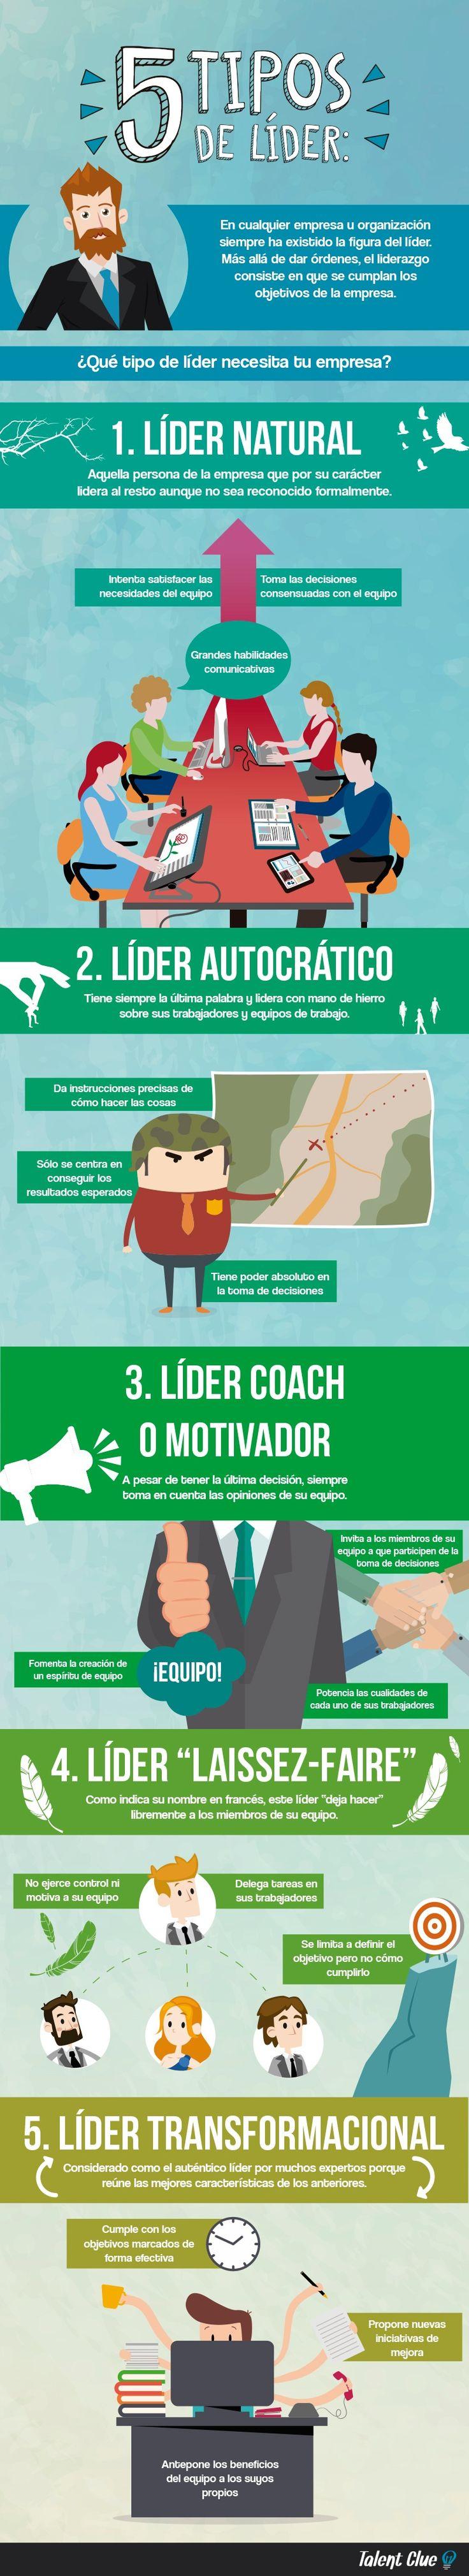 5 tipos de líder #Liderazgo #Leadership #Transformacional